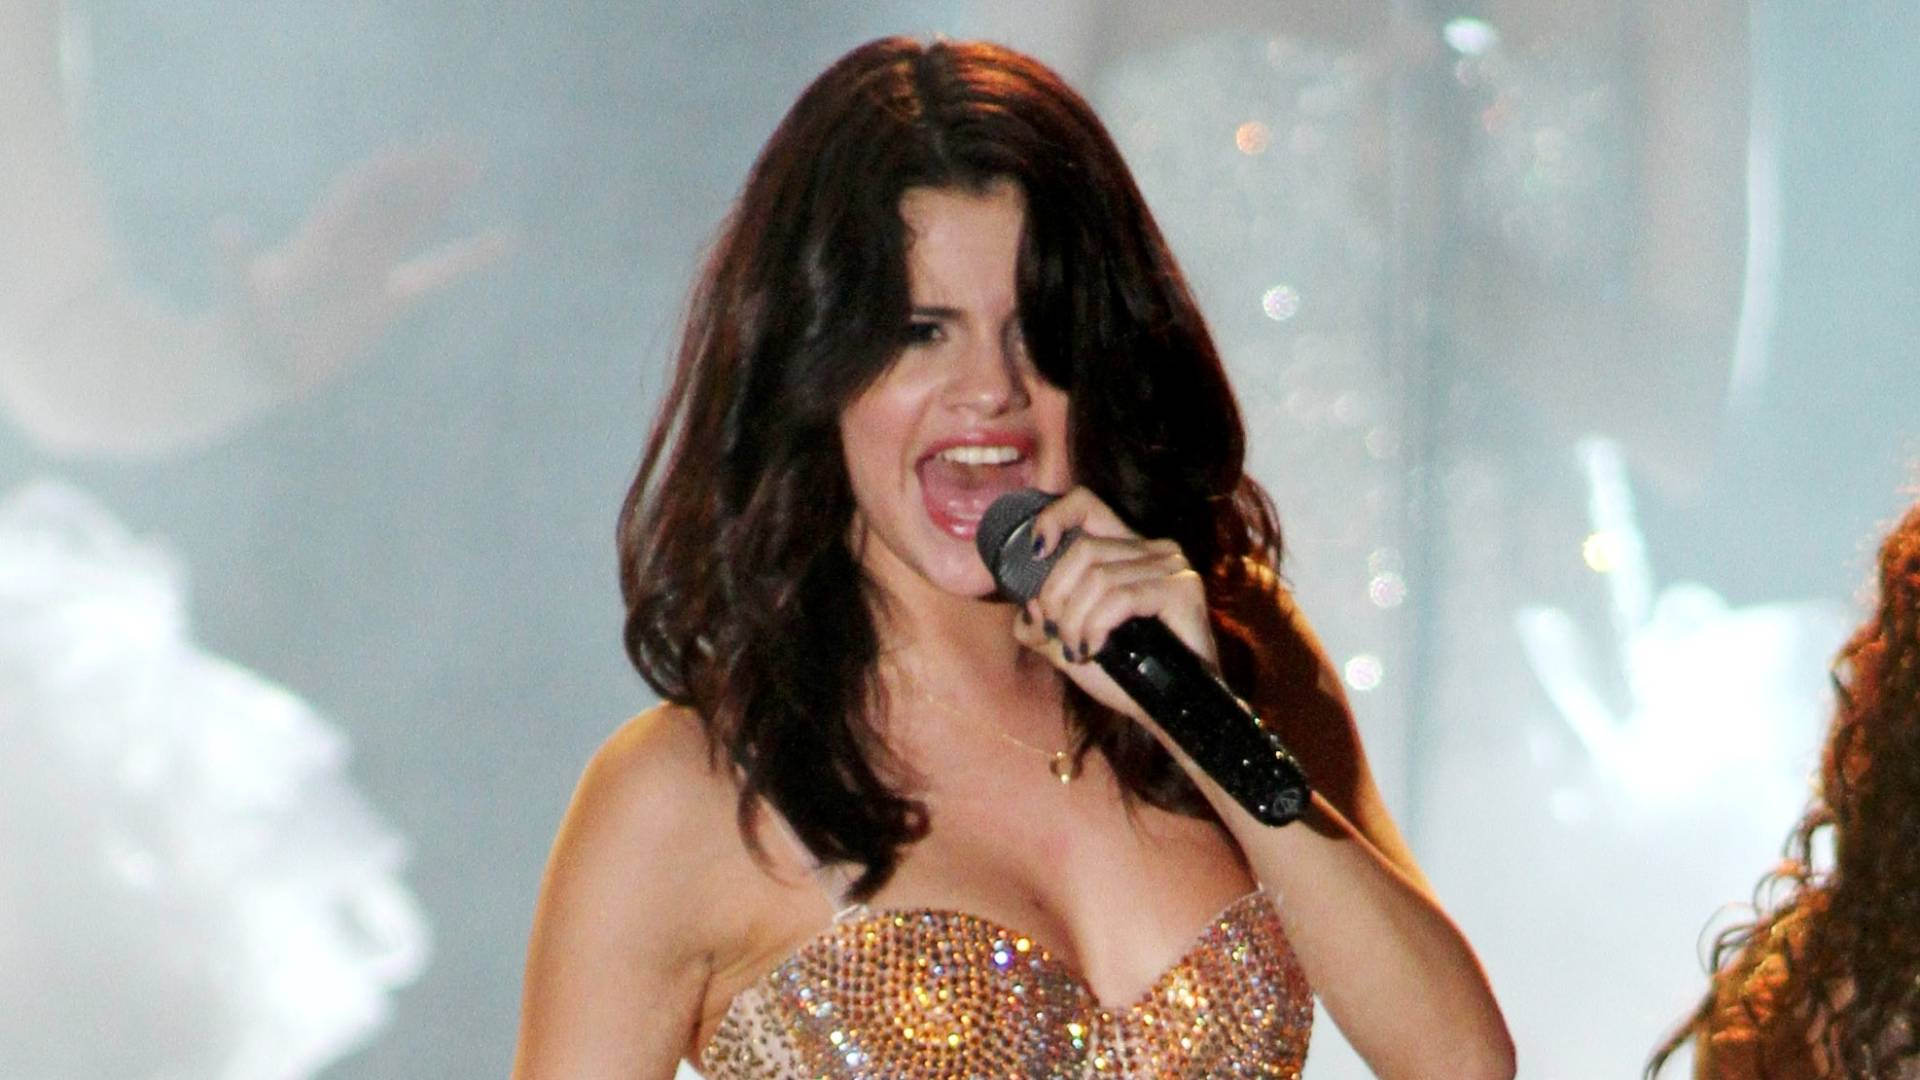 Com performances sensuais, Selena Gomez empolga o público em show na Flórida (28/7/11)